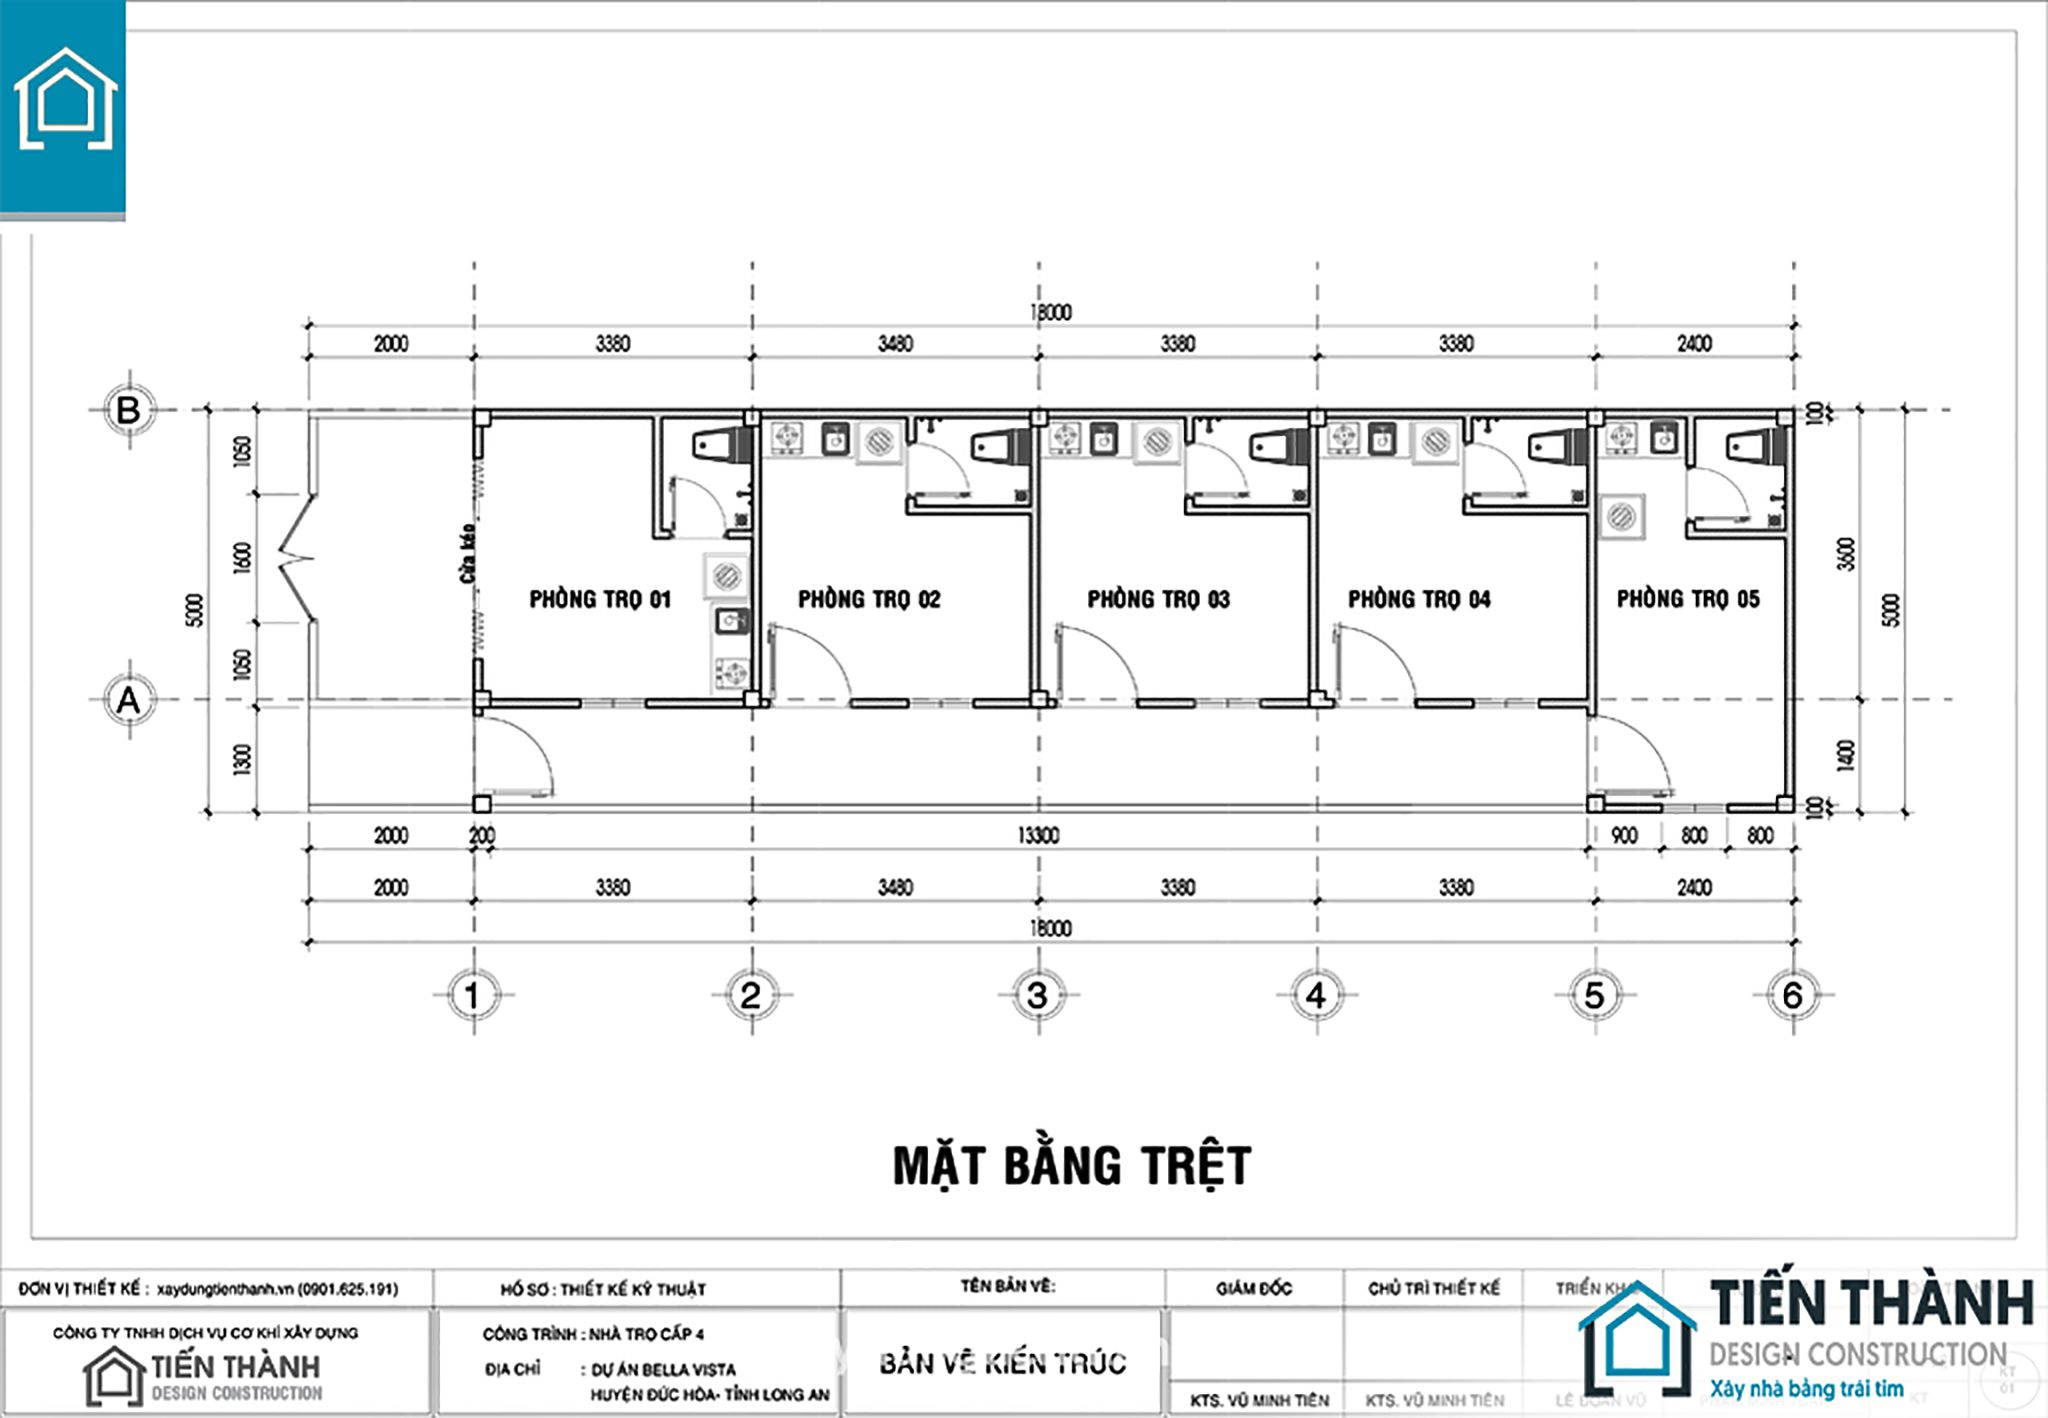 du toan xay dung nha tro cap 4 1 - Dự toán xây dựng nhà trọ trọn gói #mẫu thiết kế chuẩn đẹp